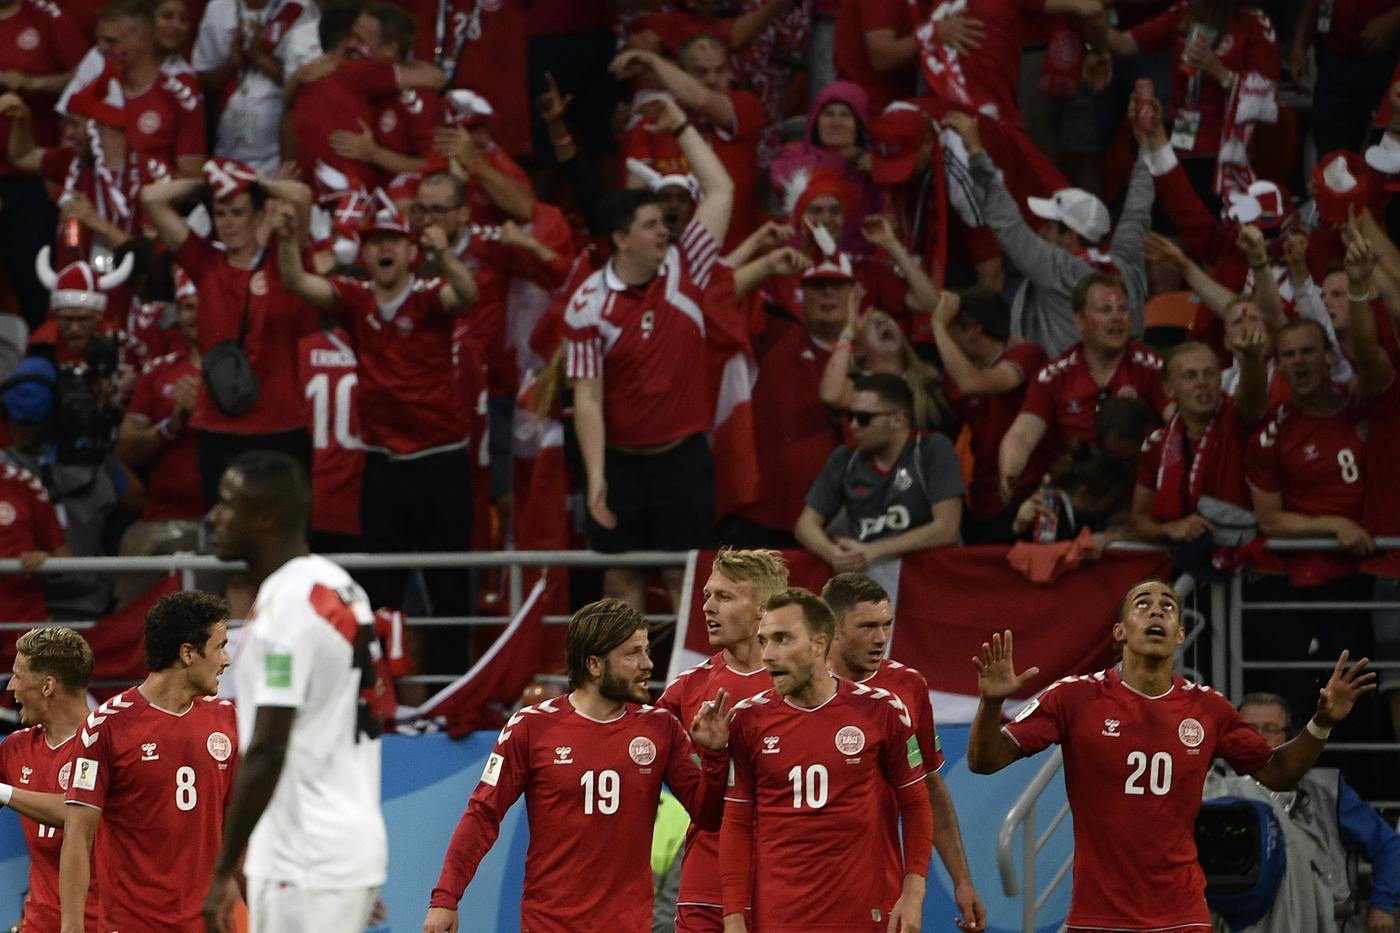 Mondiali russia 2018 nata la figlia di knudsen lo splendido gesto dei compagni della - Tavole massoniche per compagni ...